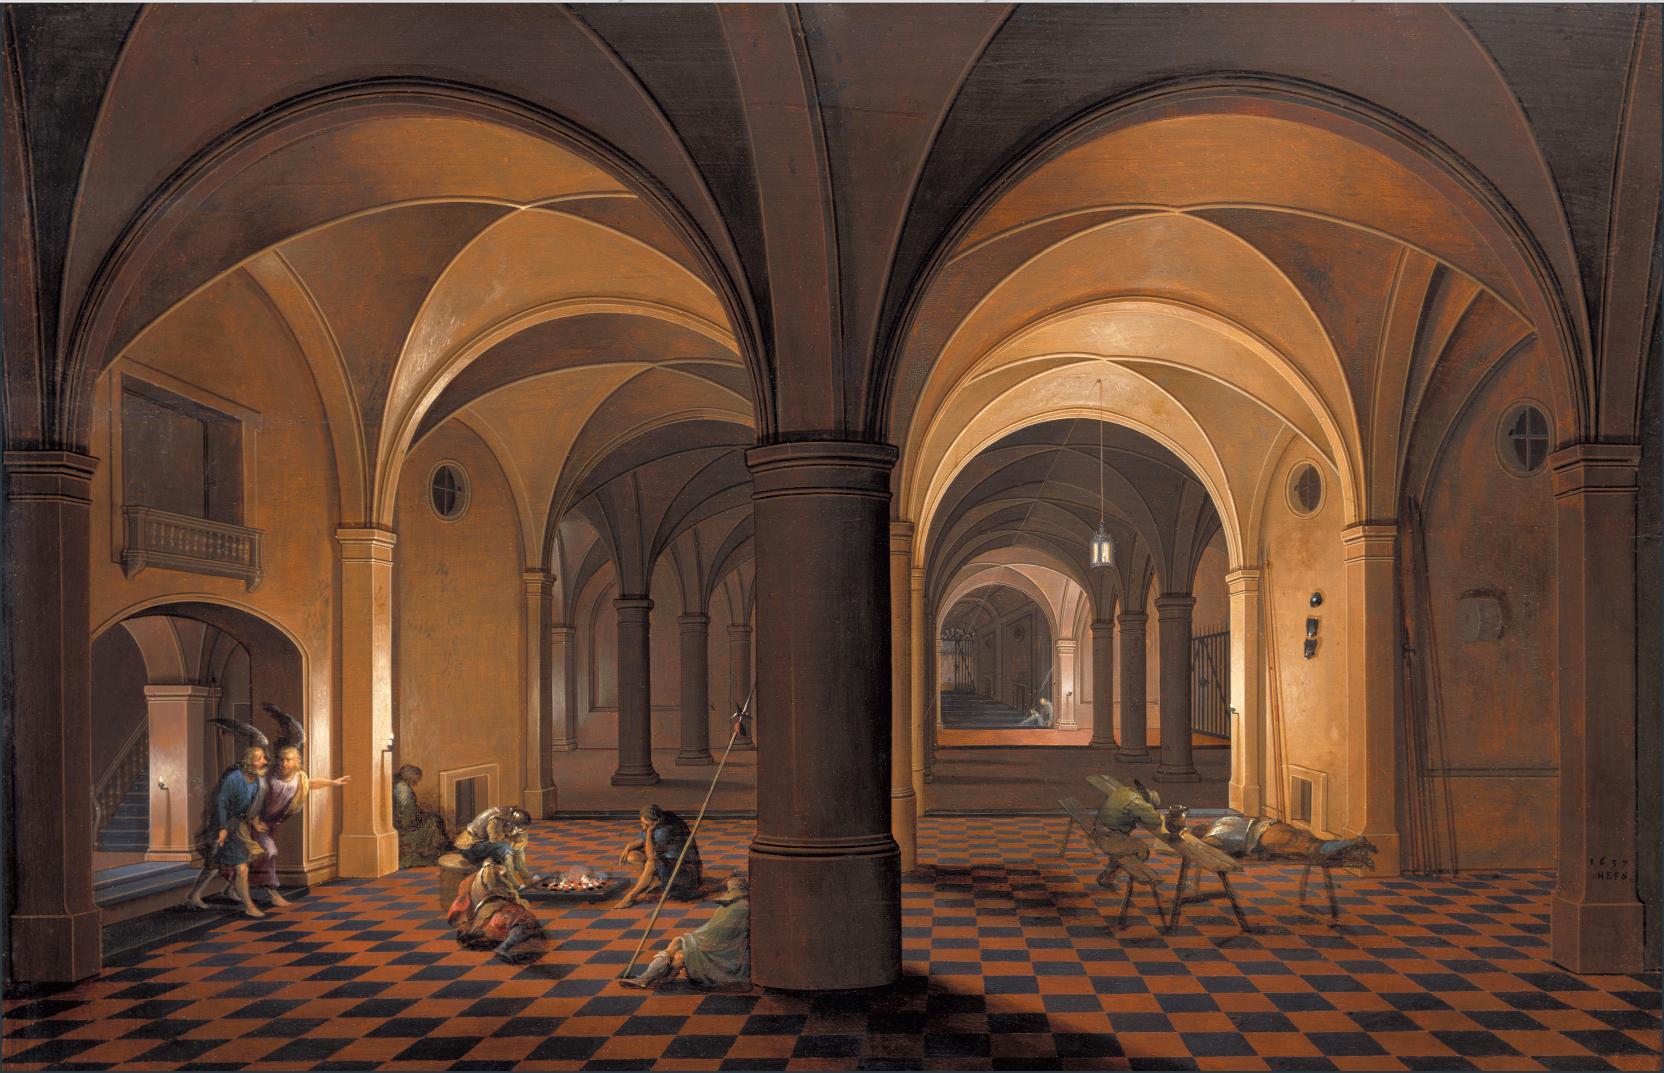 pieter_neefs_the_elder_-_liberation_of_saint_peter-1637-hoogsteder-hoogsteder-the-hague